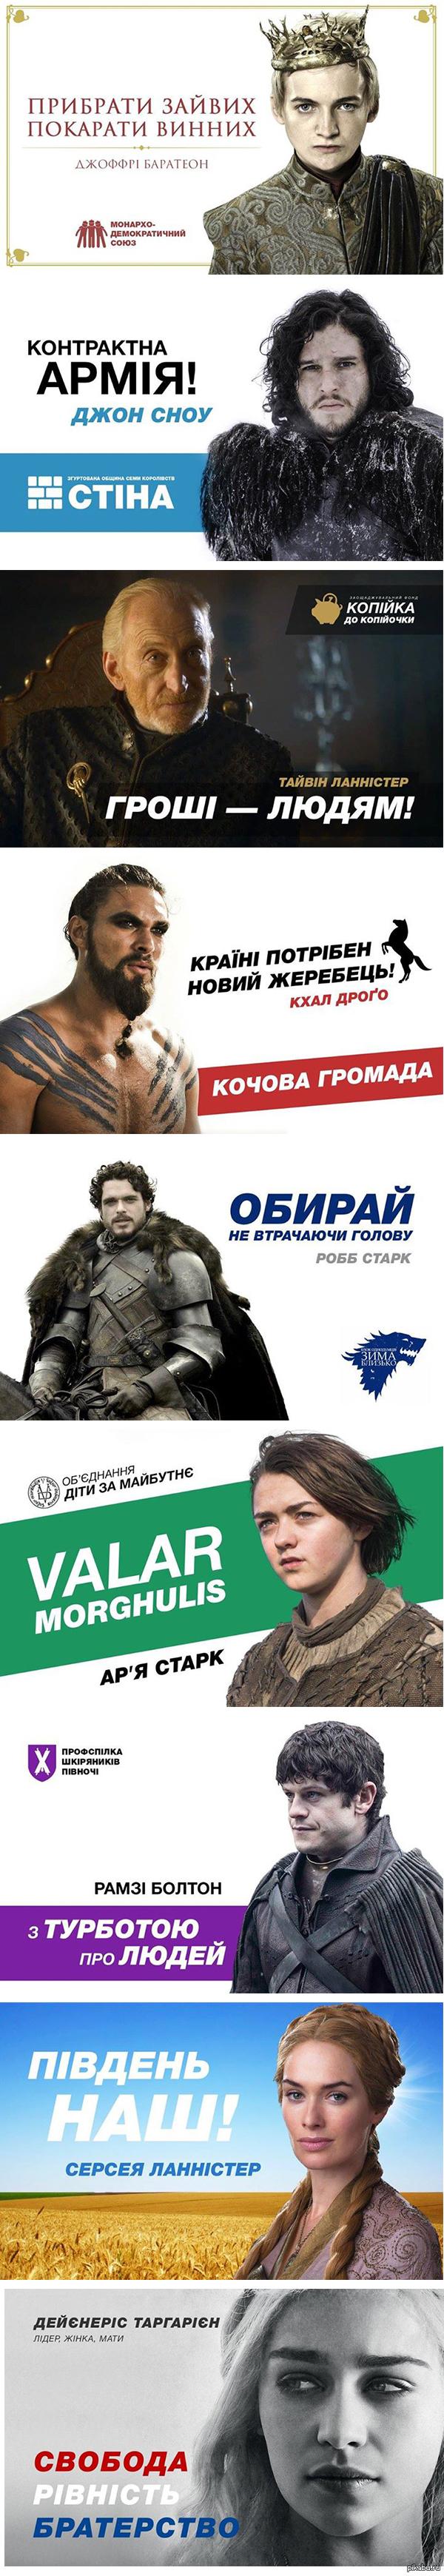 Игра в выборы Украинский дизайнер Денис Грицфельдт опубликовал серию предвыборных плакатов с героями сериала «Игра престолов», снабдив их актуальными лозунгами.